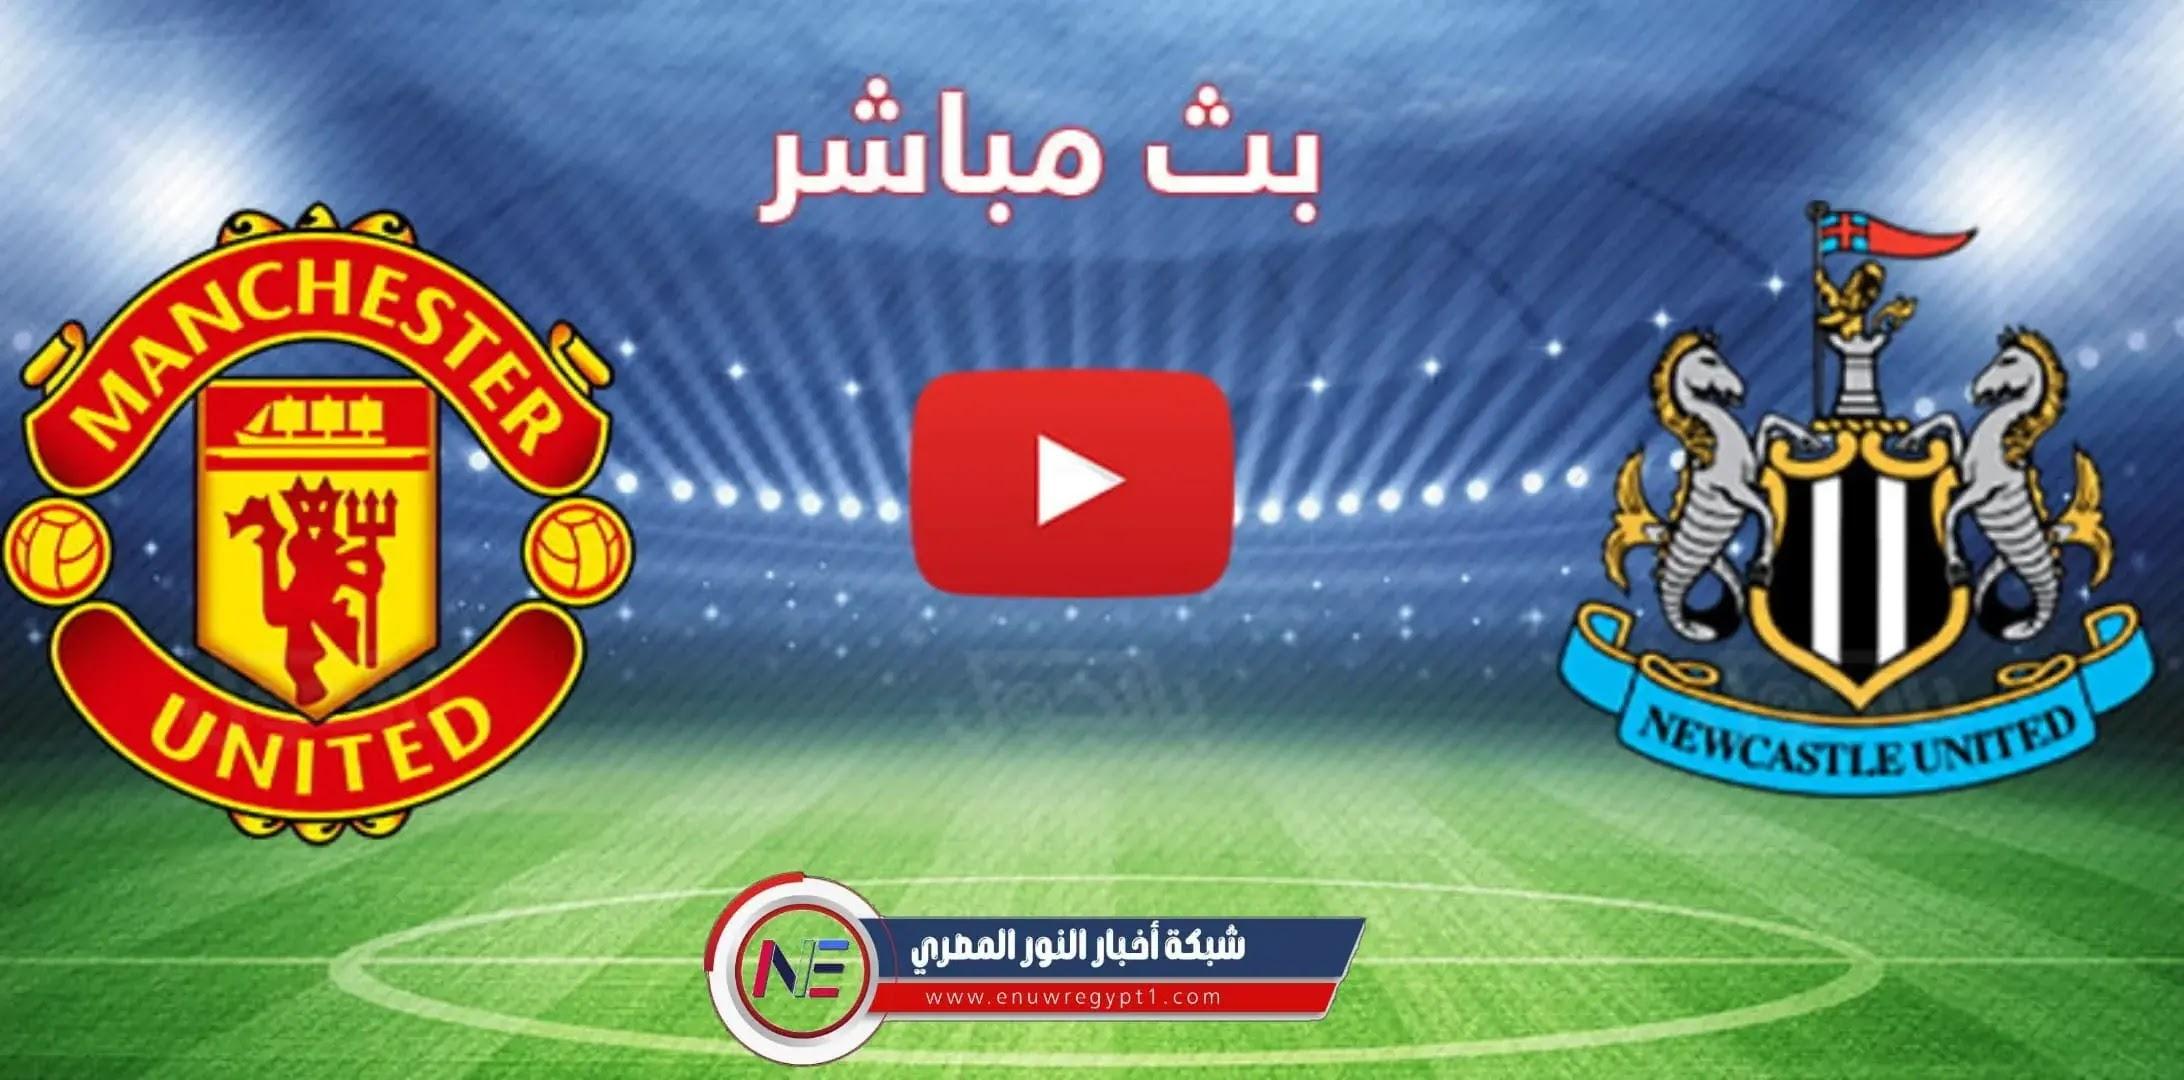 يلا شوت حصري يوتيوب .. بث مباشر مشاهدة مباراة مانشستر يونايتد و نيوكاسل يوناتيد اليوم 11-09-2021 في الدورى الانجليزى